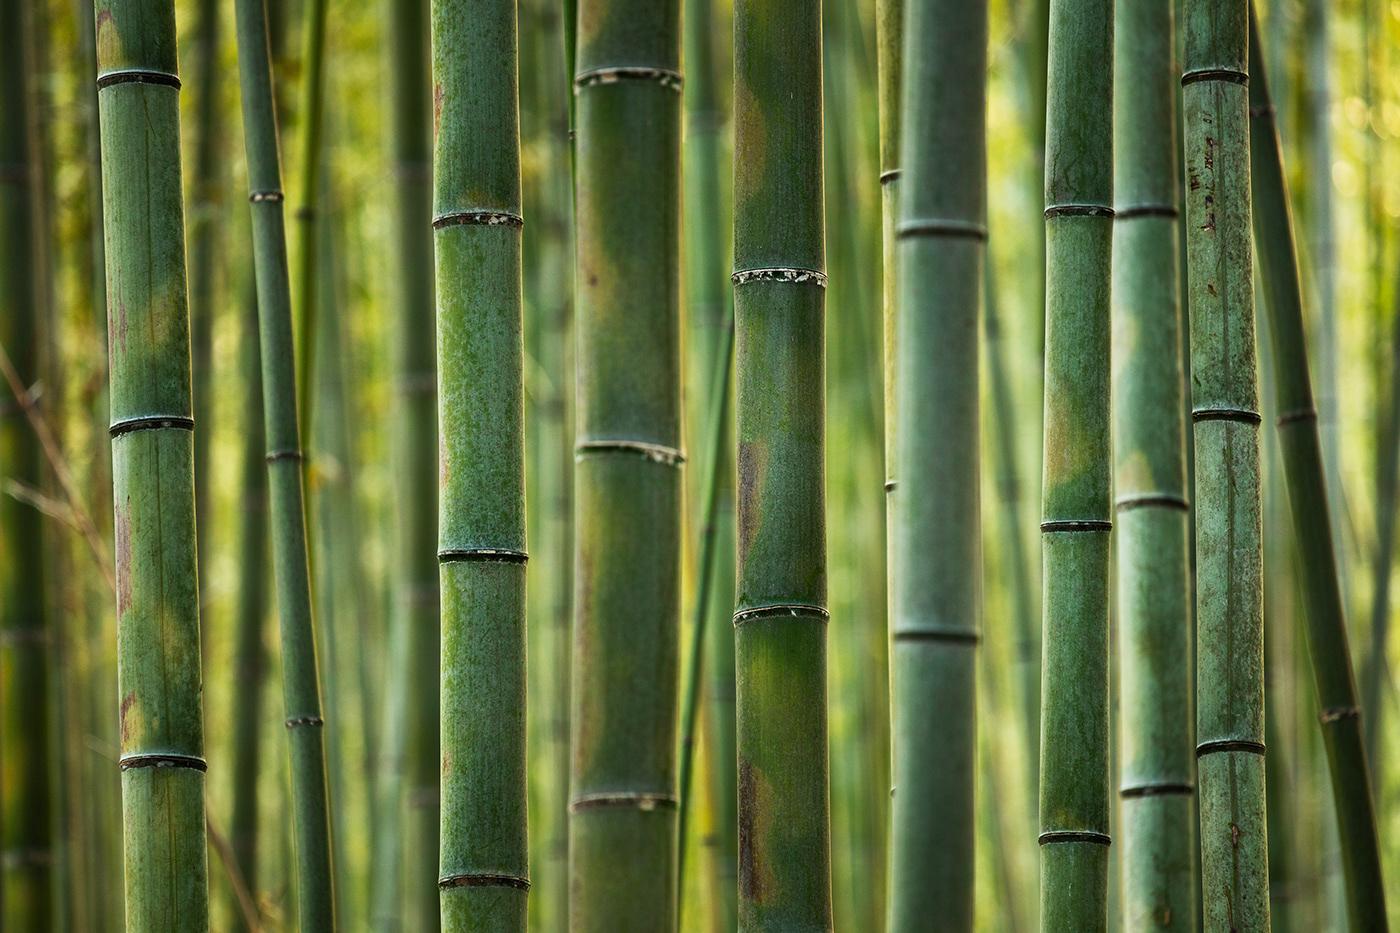 Image may contain: hinge and bamboo